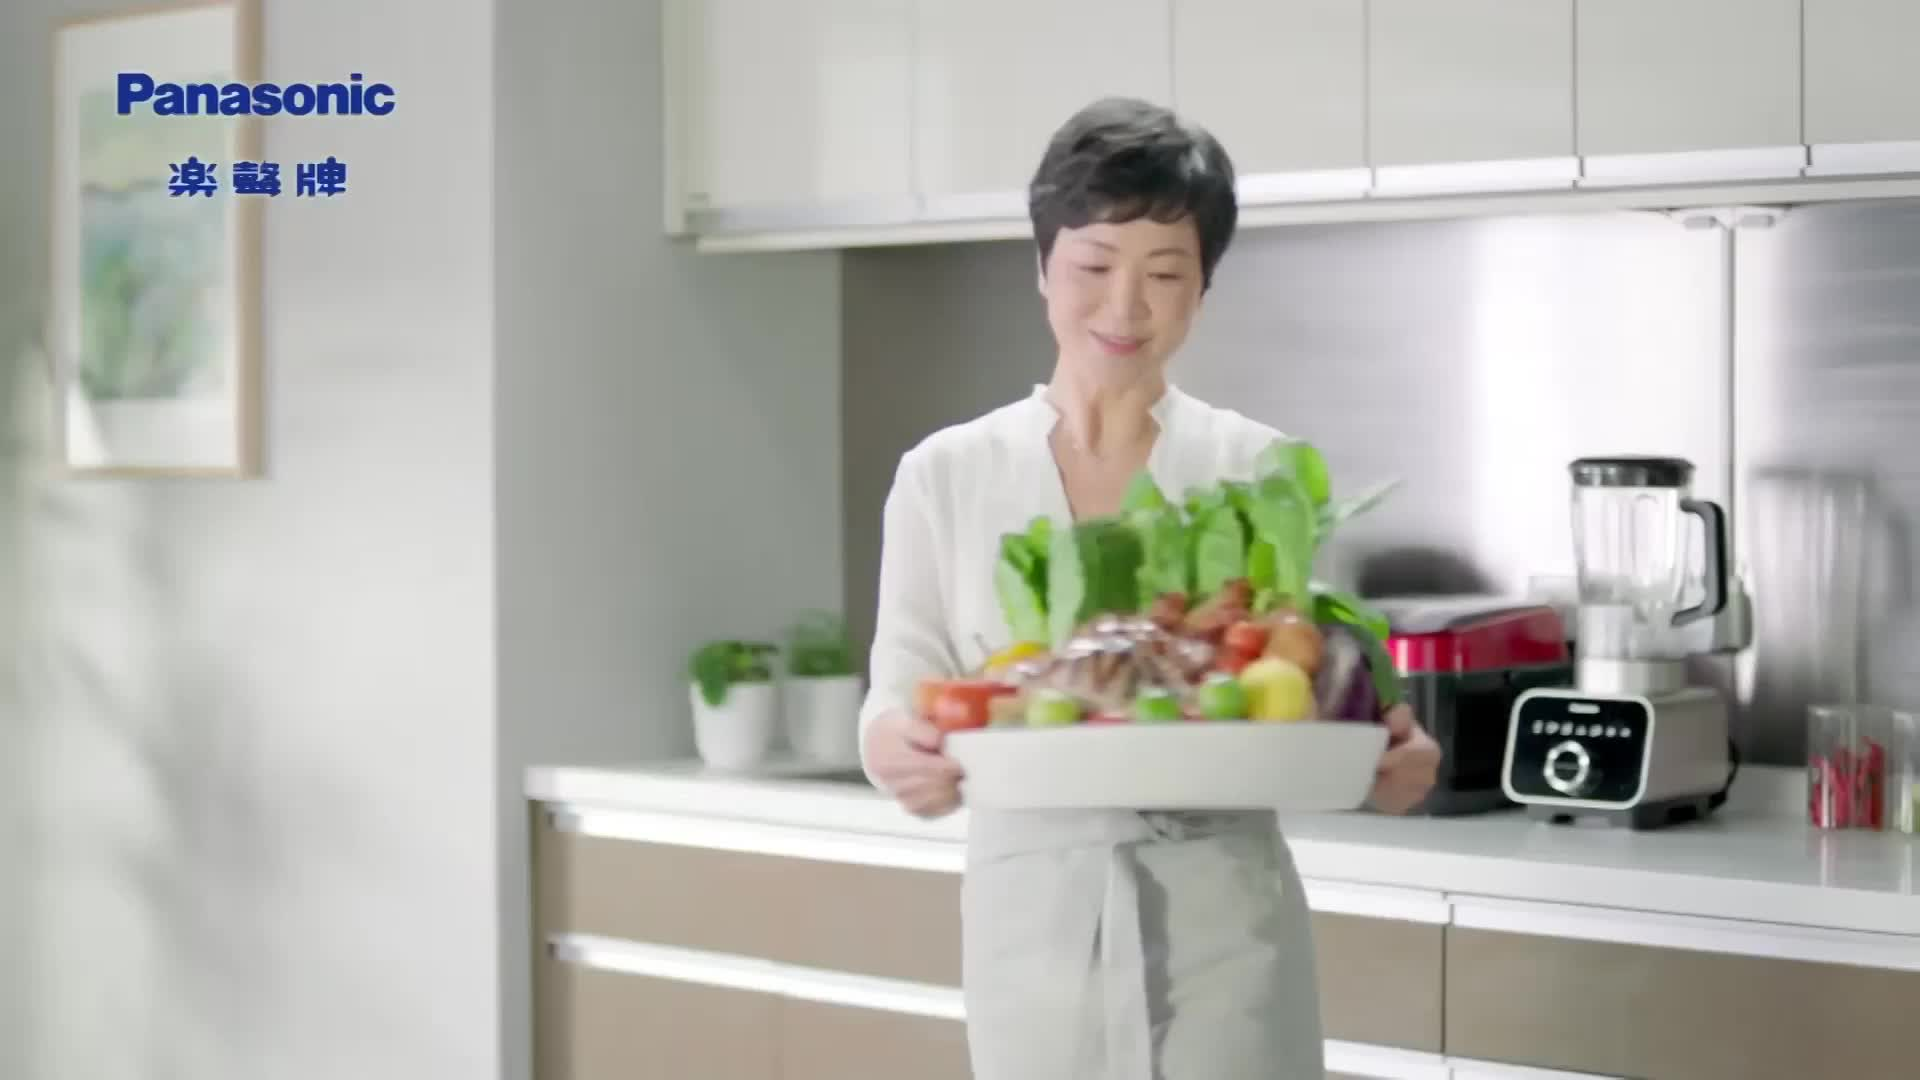 央视广告欣赏-松下智能焗炉及万用智能煲